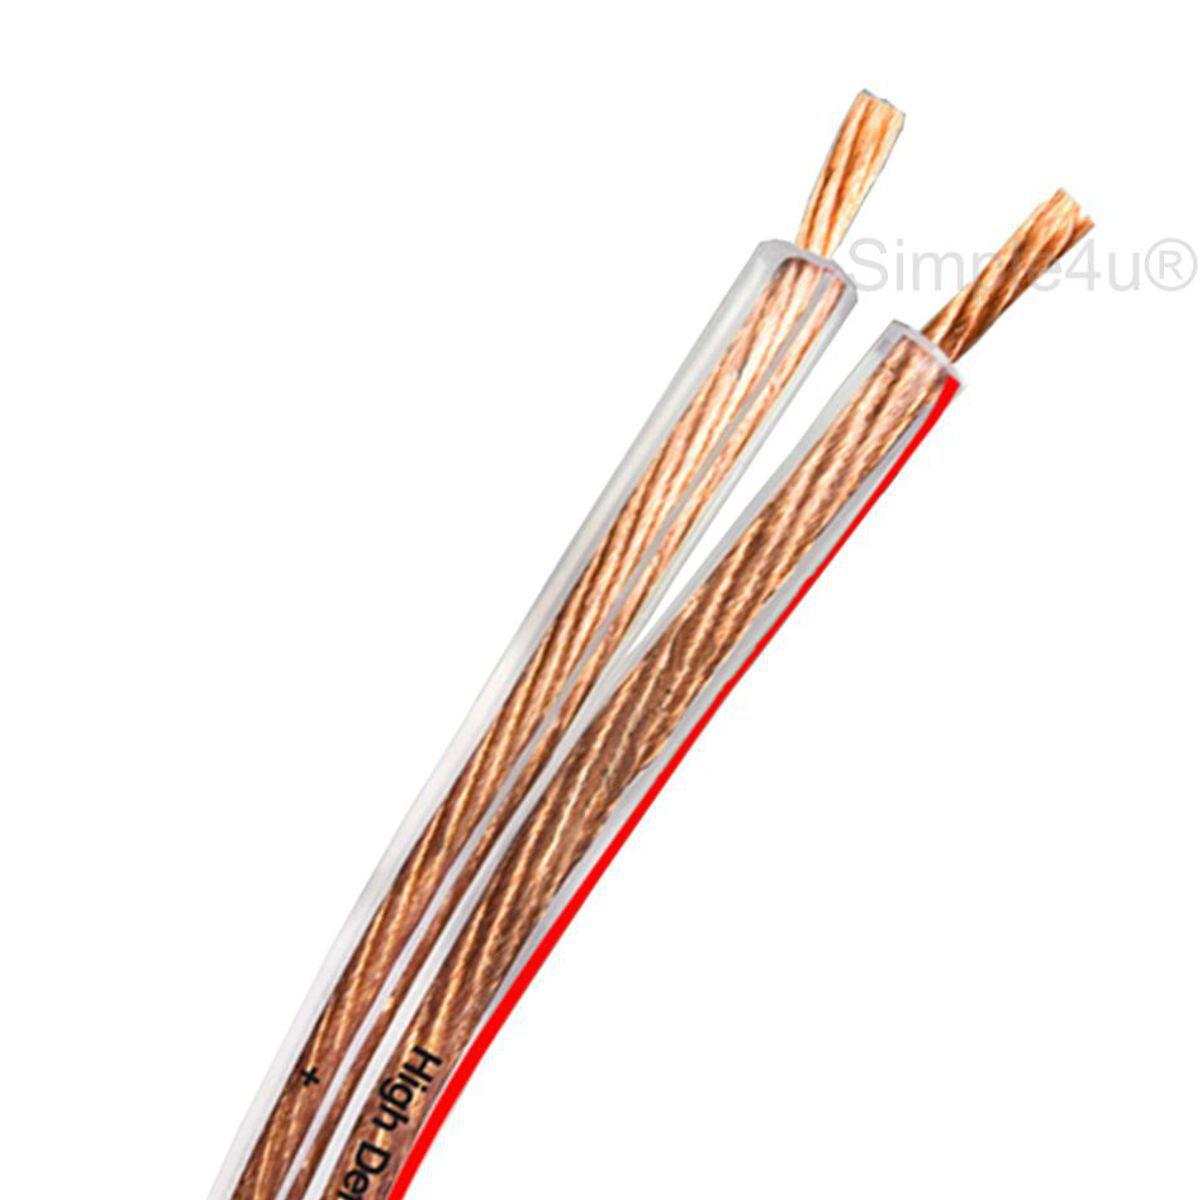 Cabo Polarizado P/ Caixa Acústica de Som 2x1,50mm2 HP-SP 150 DMD Diamond Cable (20 MT)